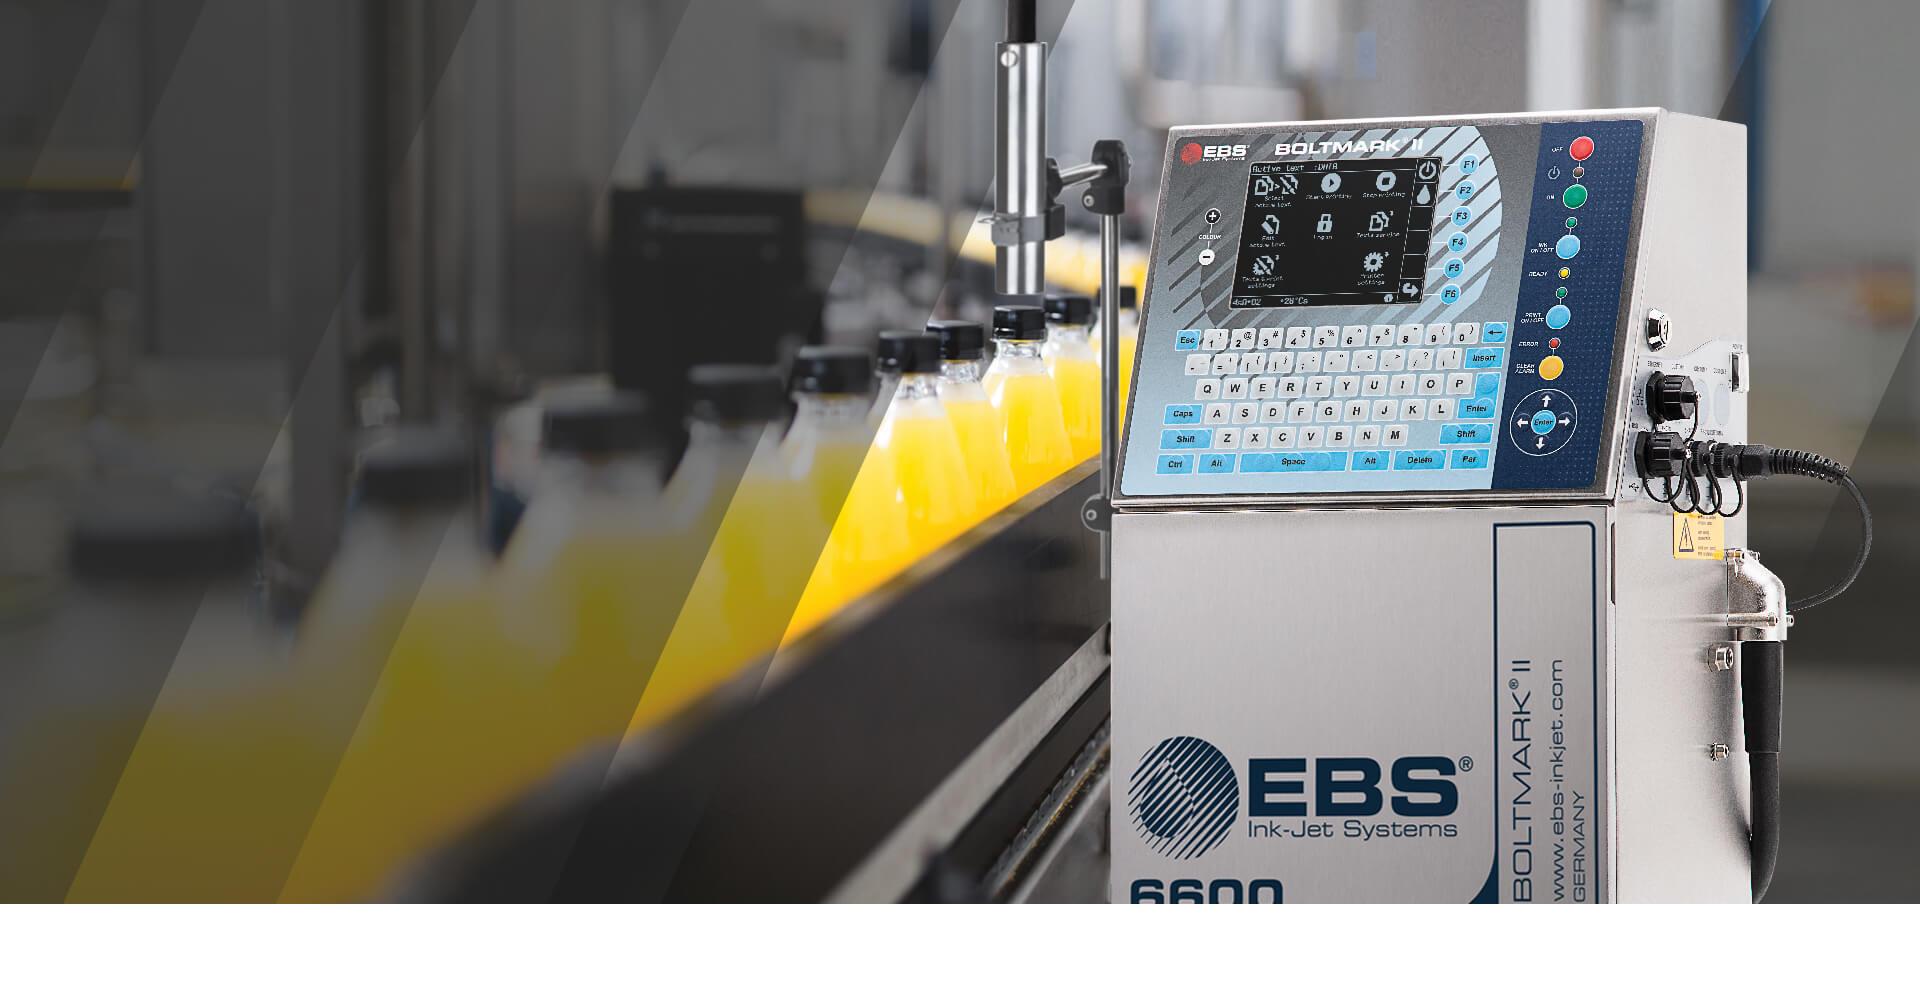 BOLTMARK - seria drukarek zkategorii małego pisma(CIJ). Idealna doprzemysłowego znakowania produktów iopakowań naliniach produkcyjnych.